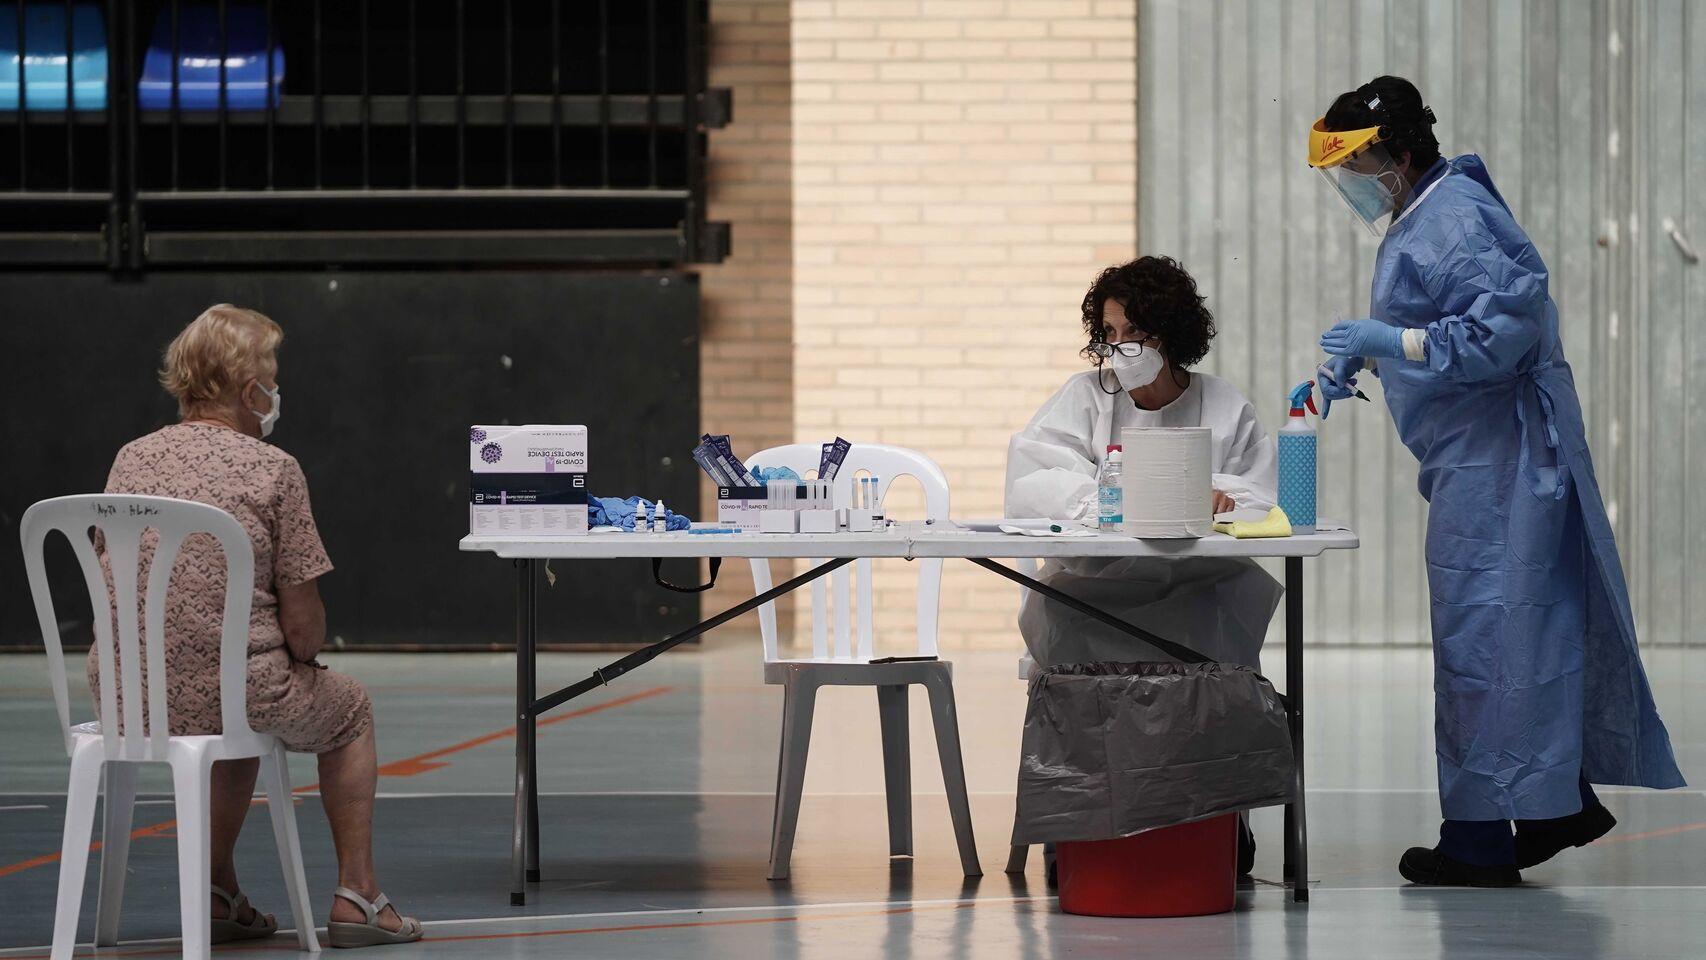 El lio de los test de antigenos: el 'sustituto' de la PCR que se hace a las personas erroneas